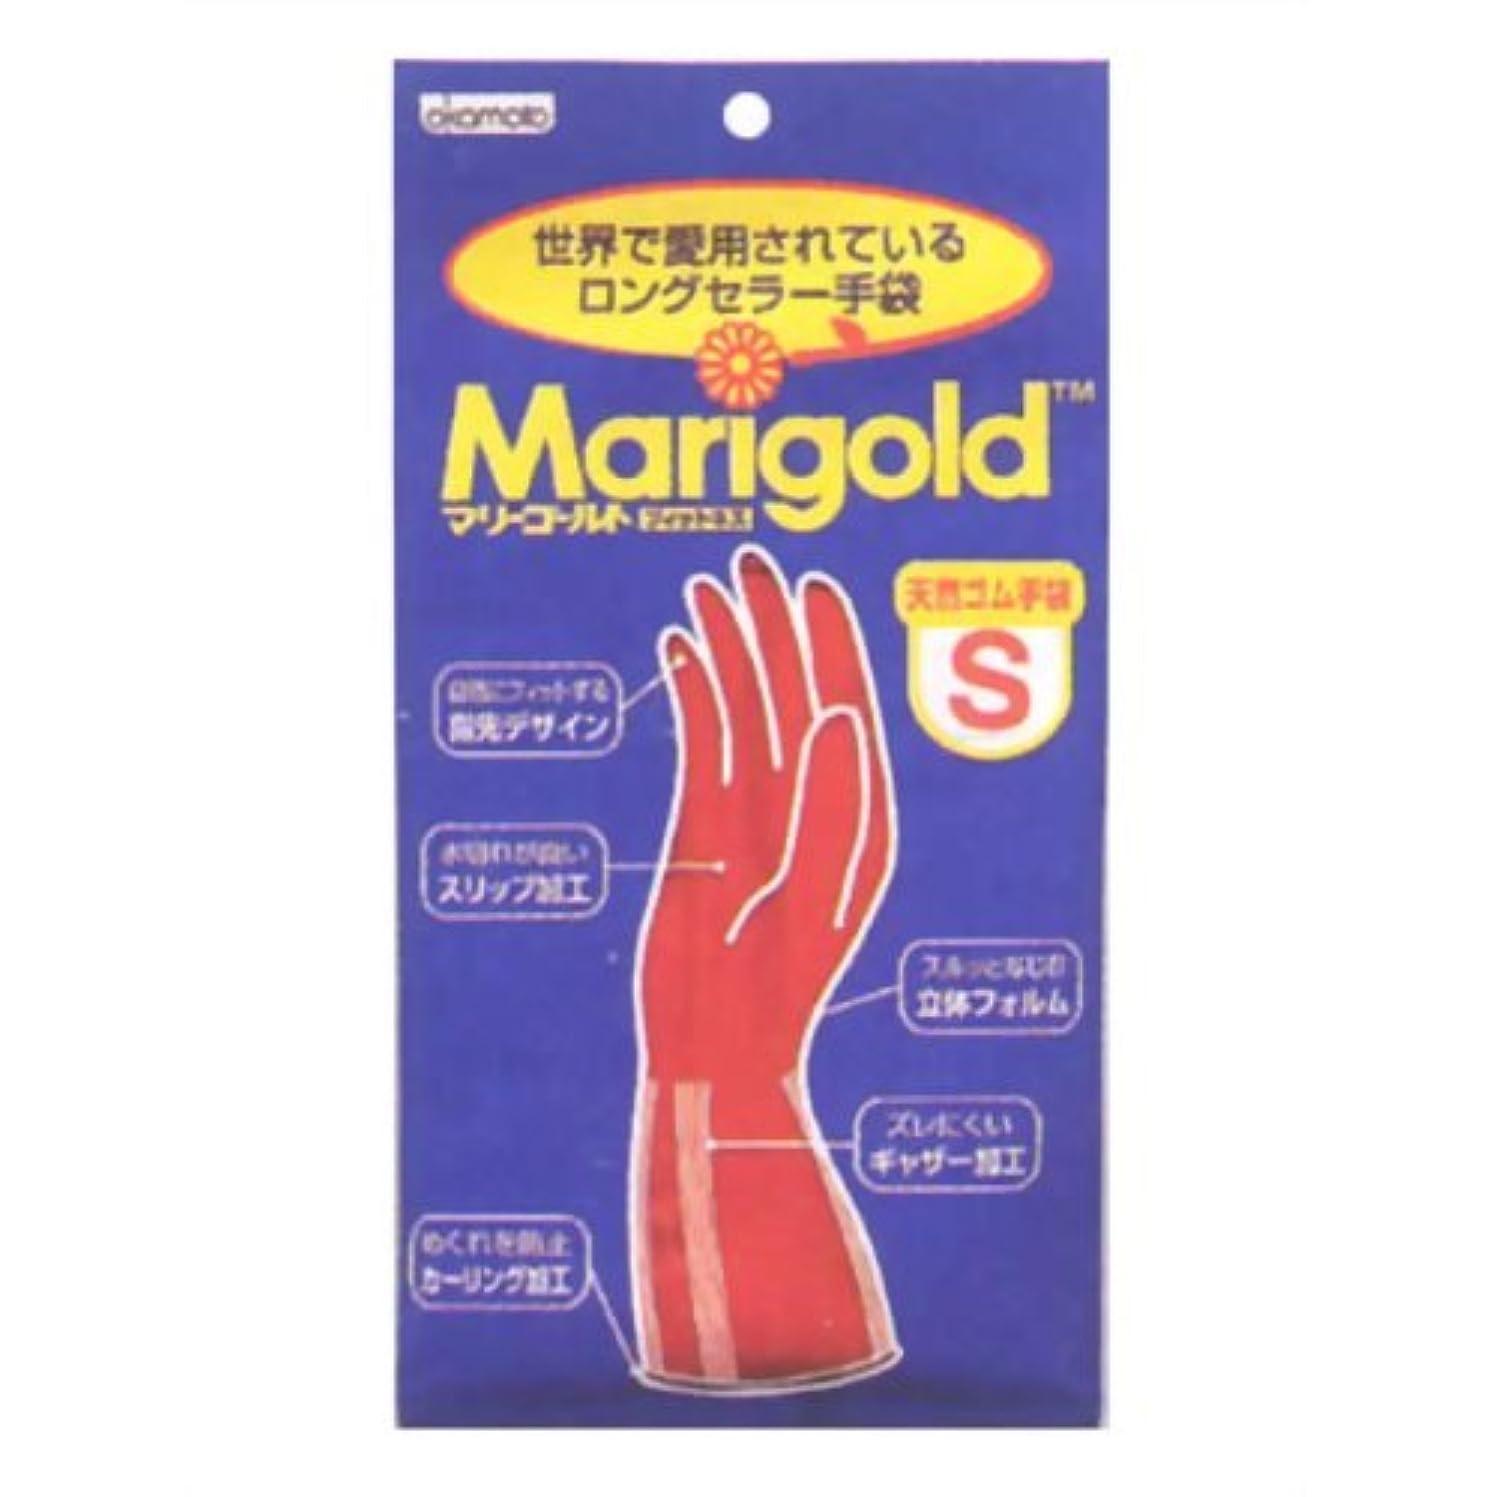 平和な承認スマッシュマリーゴールドSサイズ × 12個セット